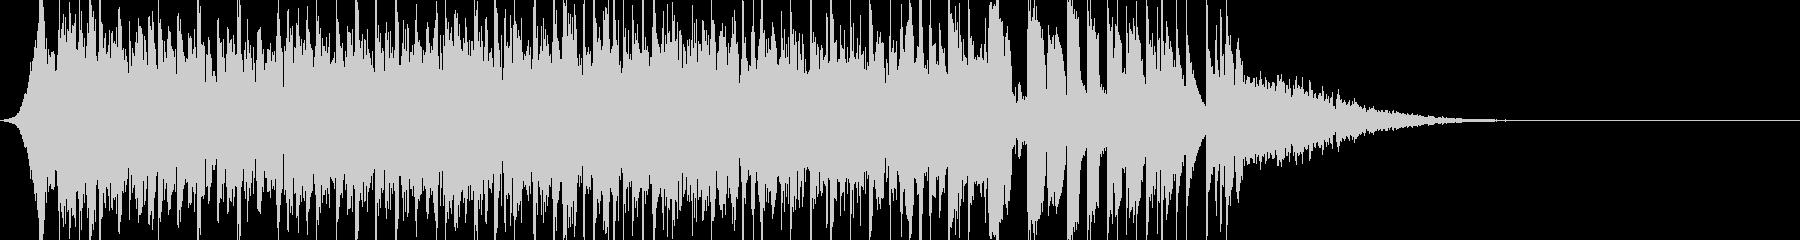 EDM風イントロ(インパクト系)です。の未再生の波形